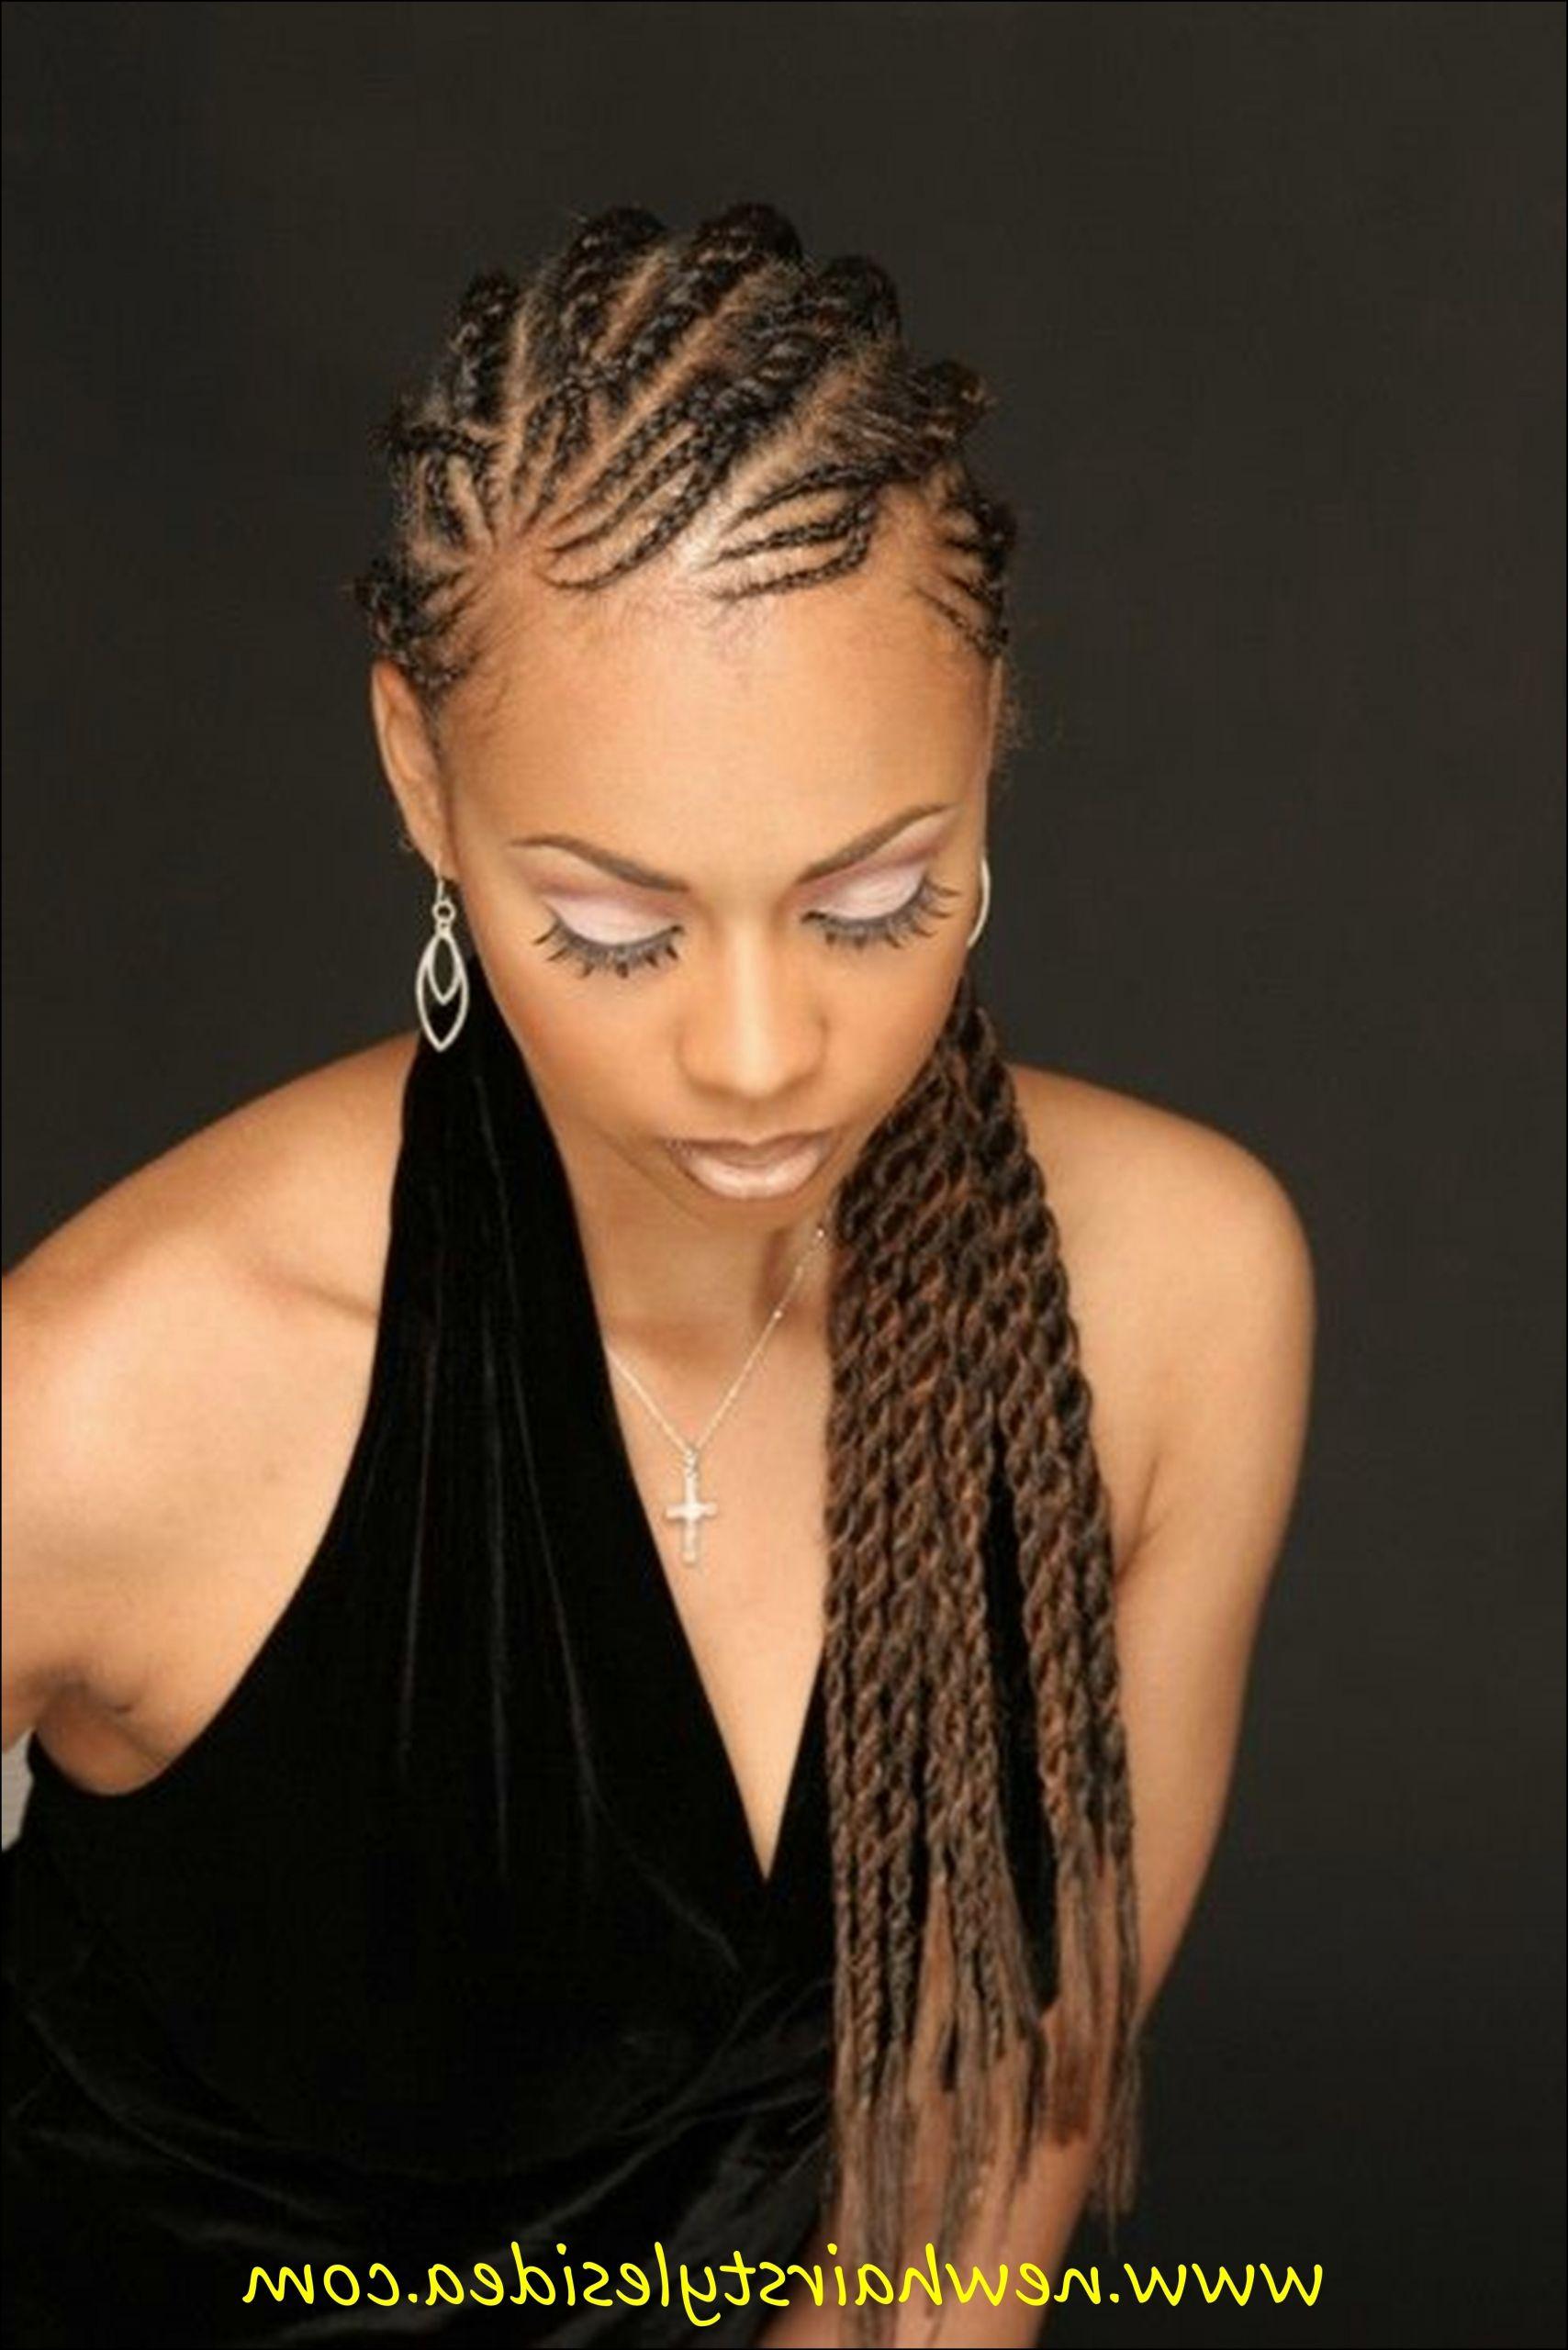 Alicia Keys Braids Hairstyles  15 Best of Alicia Keys Braided Hairstyles